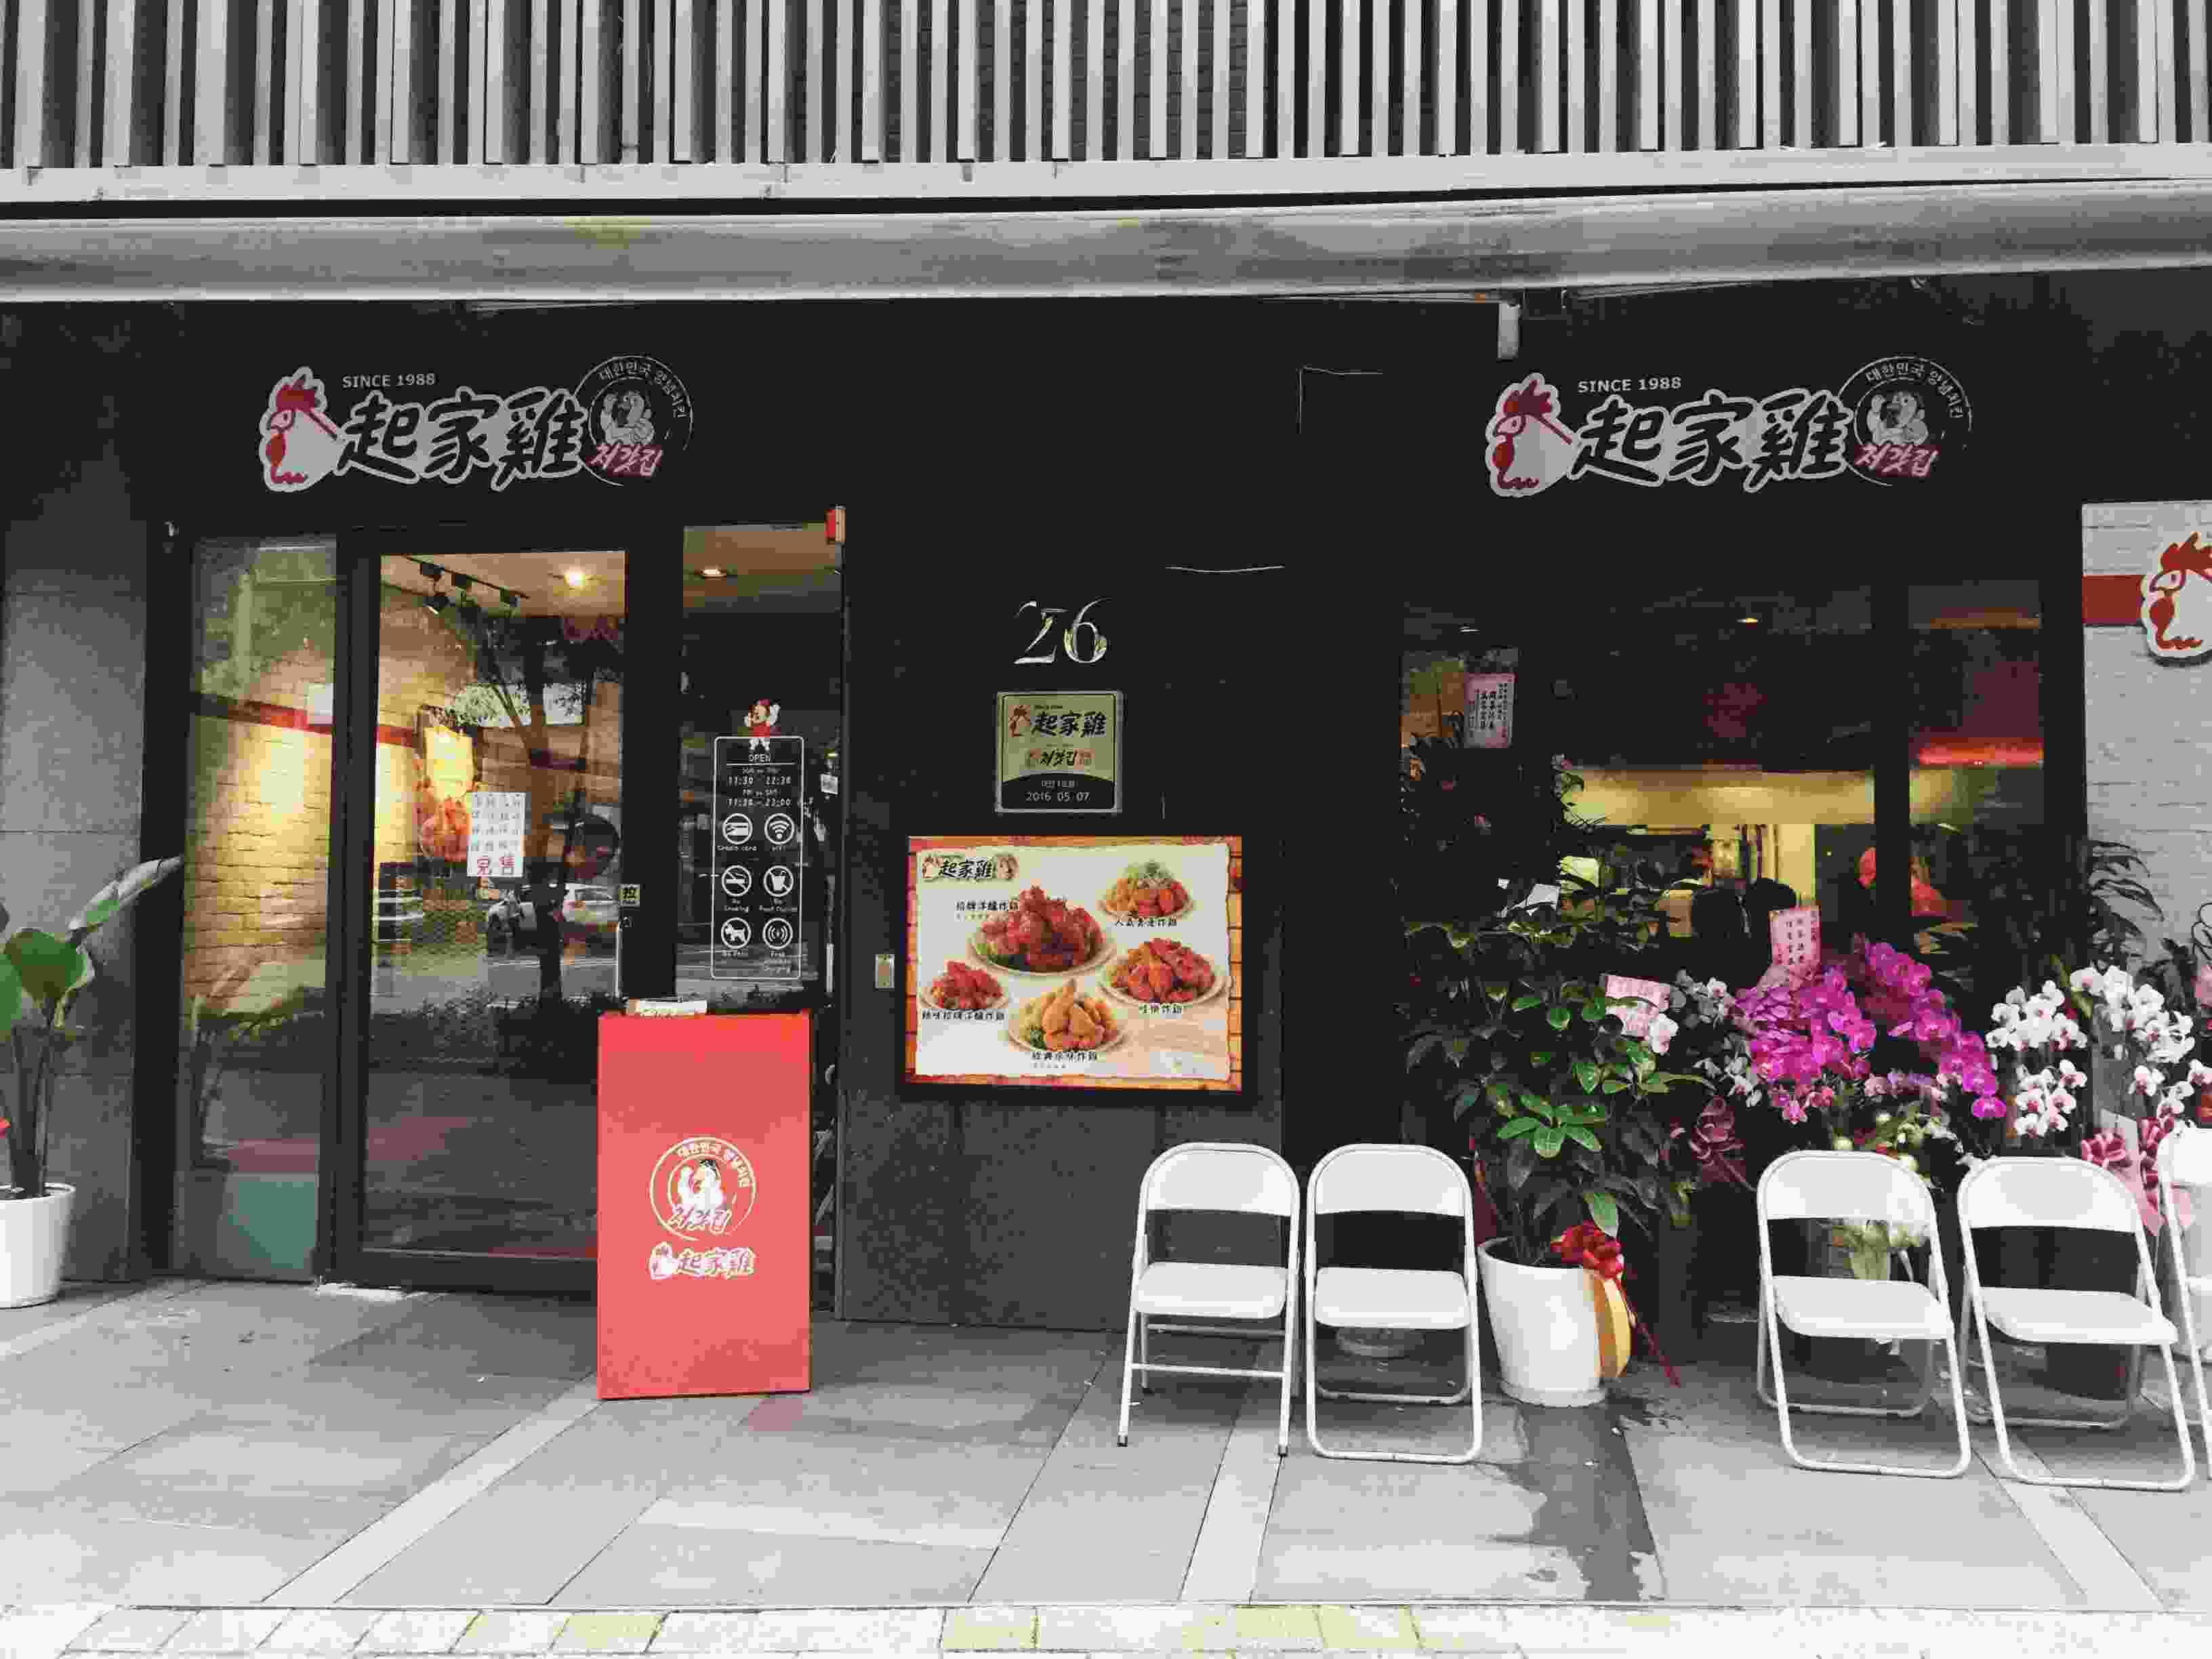 哈囉大家好~今天飽兒要帶大家去探訪一間最近在國父紀念館附近開設的韓式炸雞店「起家雞」!為了以防大家踩雷(?),所以小編們已經先幫大家試過口味啦~趕快來看看吧!